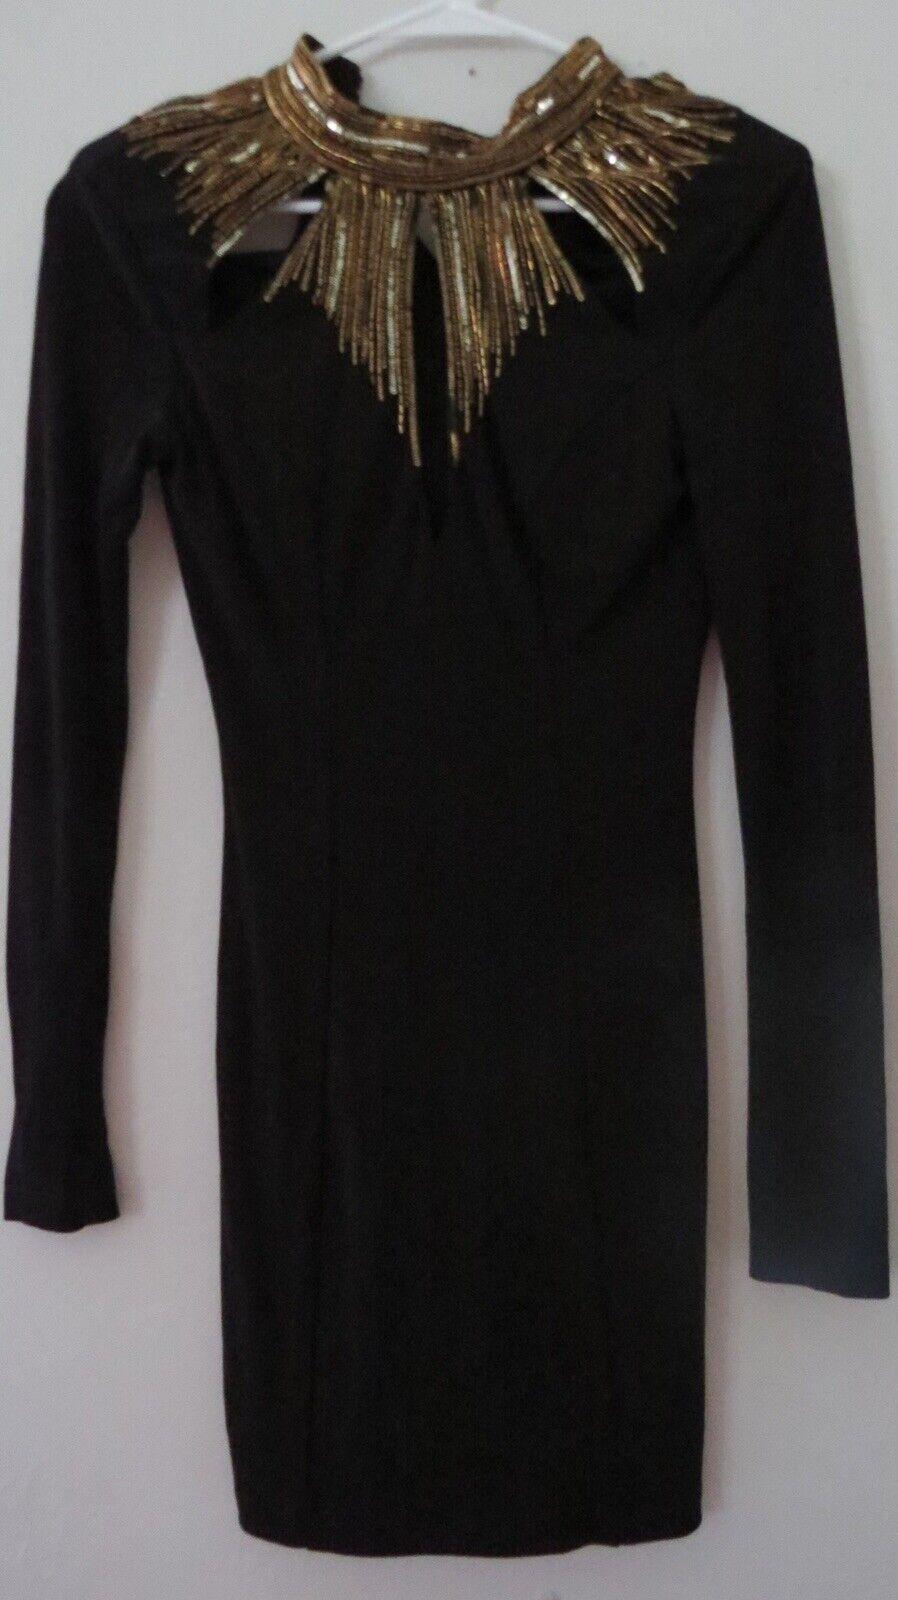 Bebe Schwarze Farbe Hoher Kragen Pailletten Langärmlig Cocktails Kleider Größe